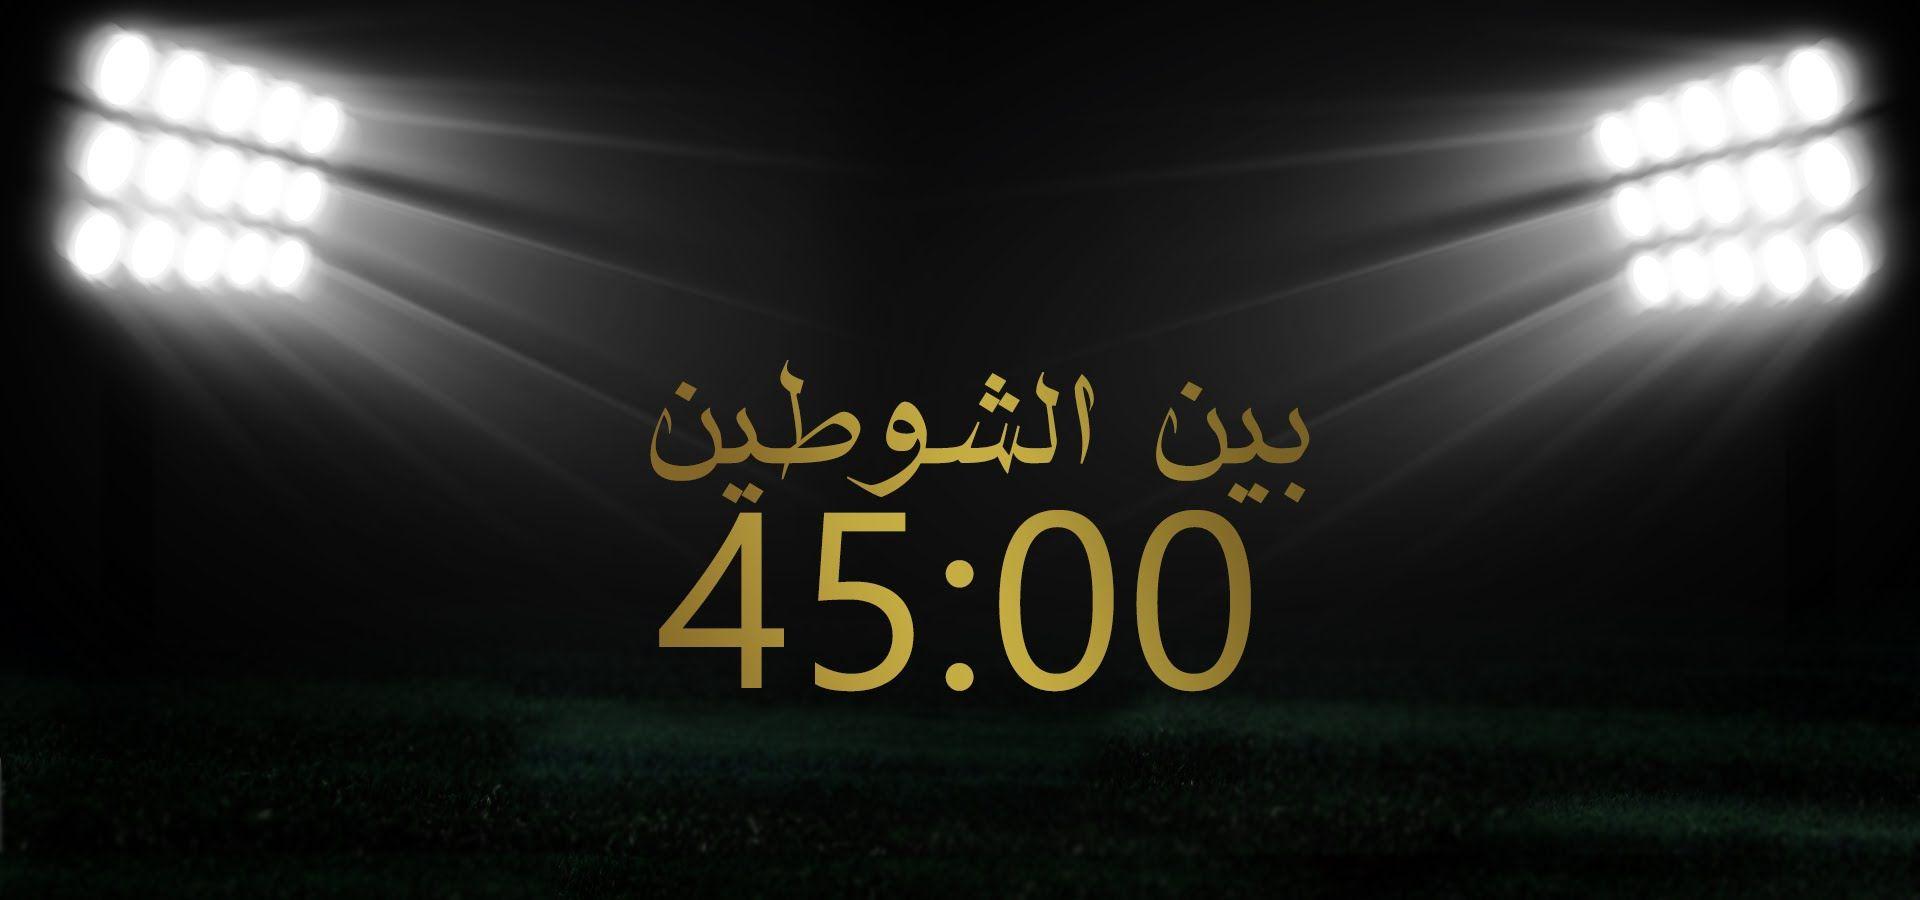 الحلقة الثالة بين الشوطين مباراة الاتحاد و الهلال Neon Signs